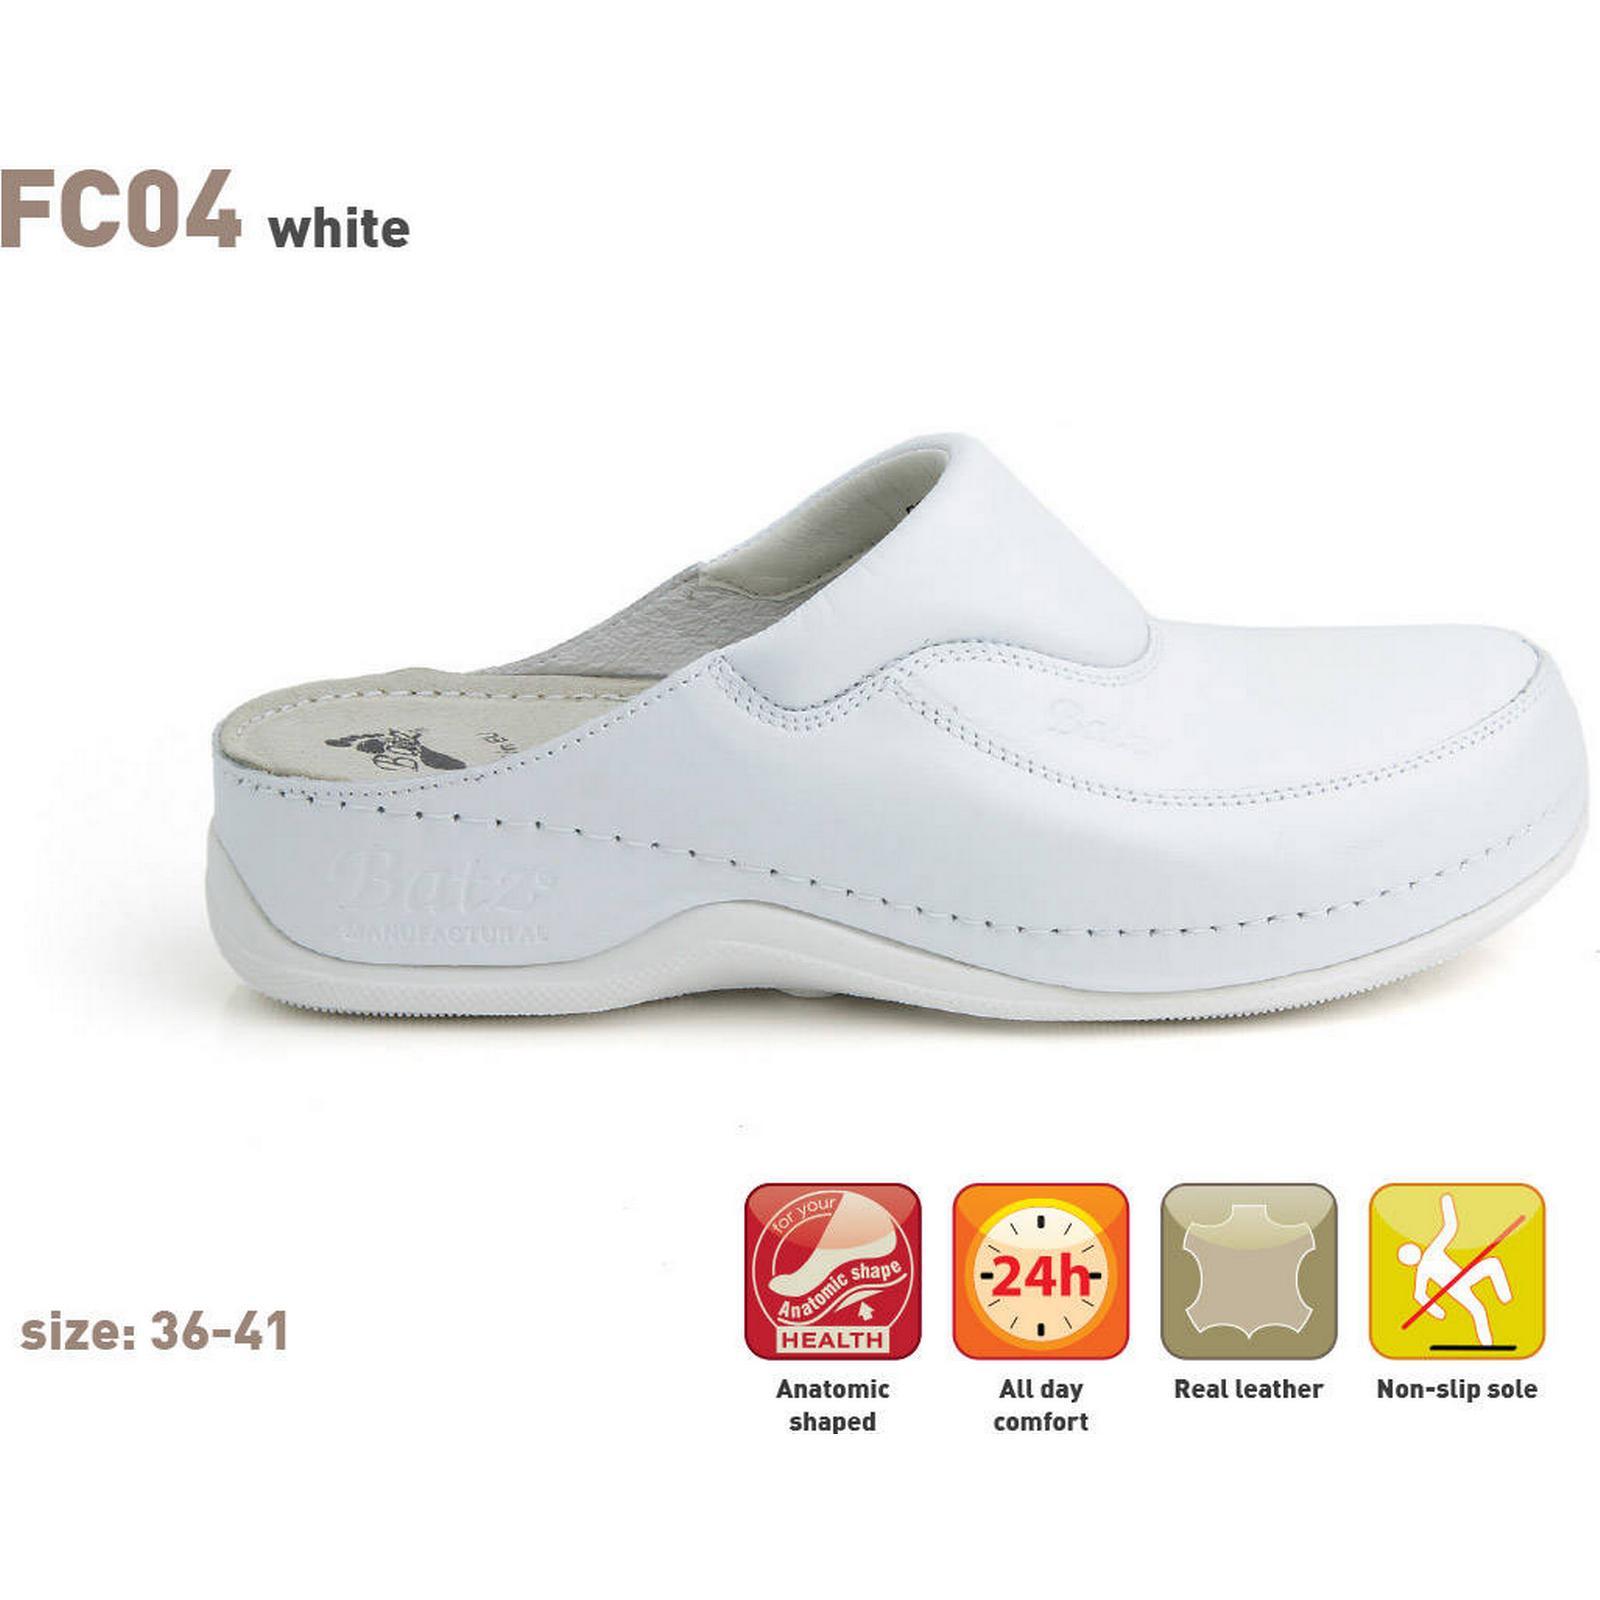 BatzShop Batz FC04 37 - white - EU 37 FC04 (UK 4) 78acce